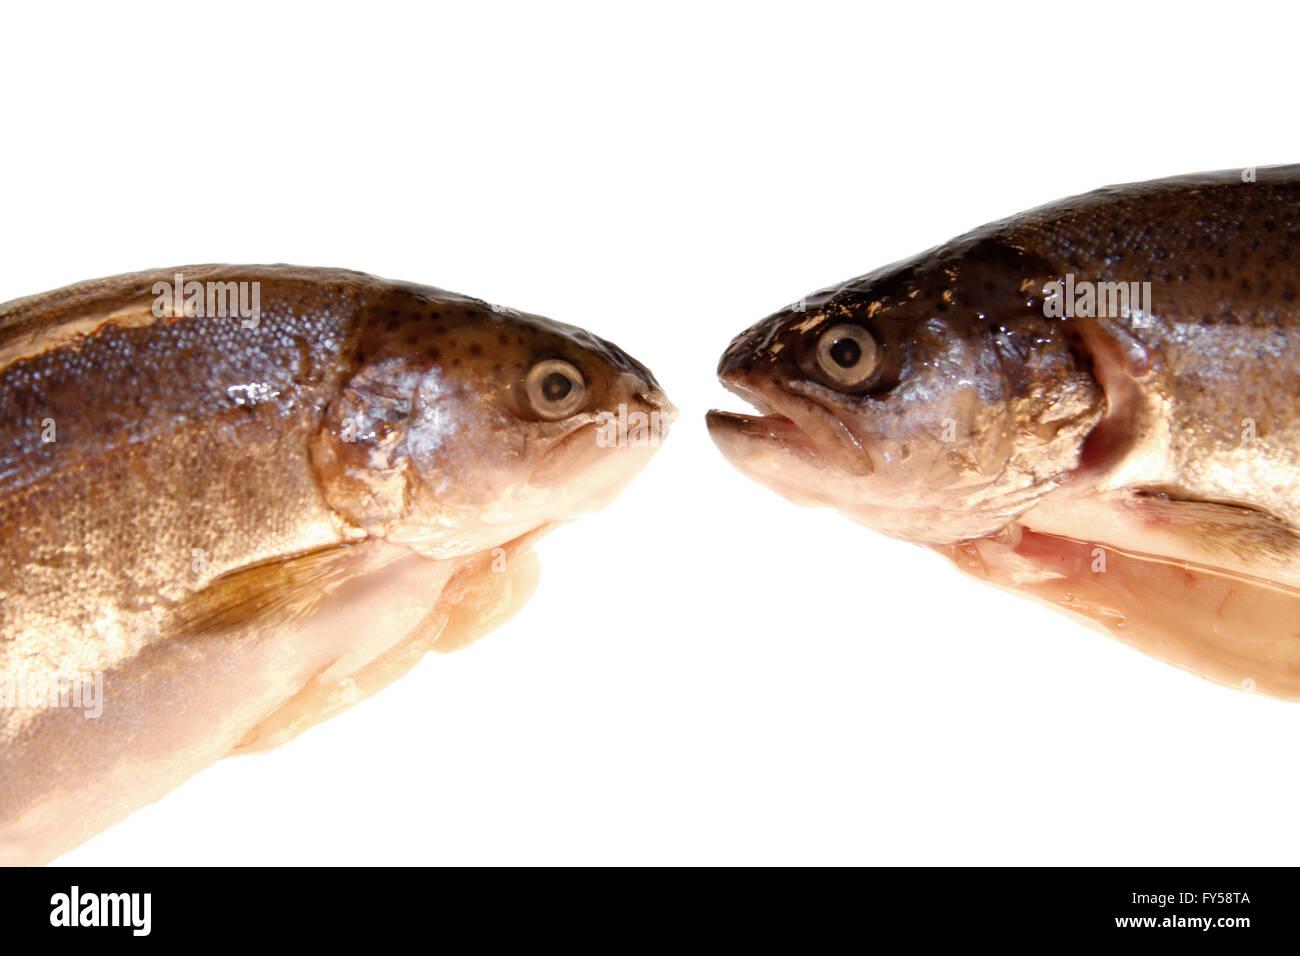 Forellen: Fische - Symbolbild Nahrungsmittel. - Stock Image